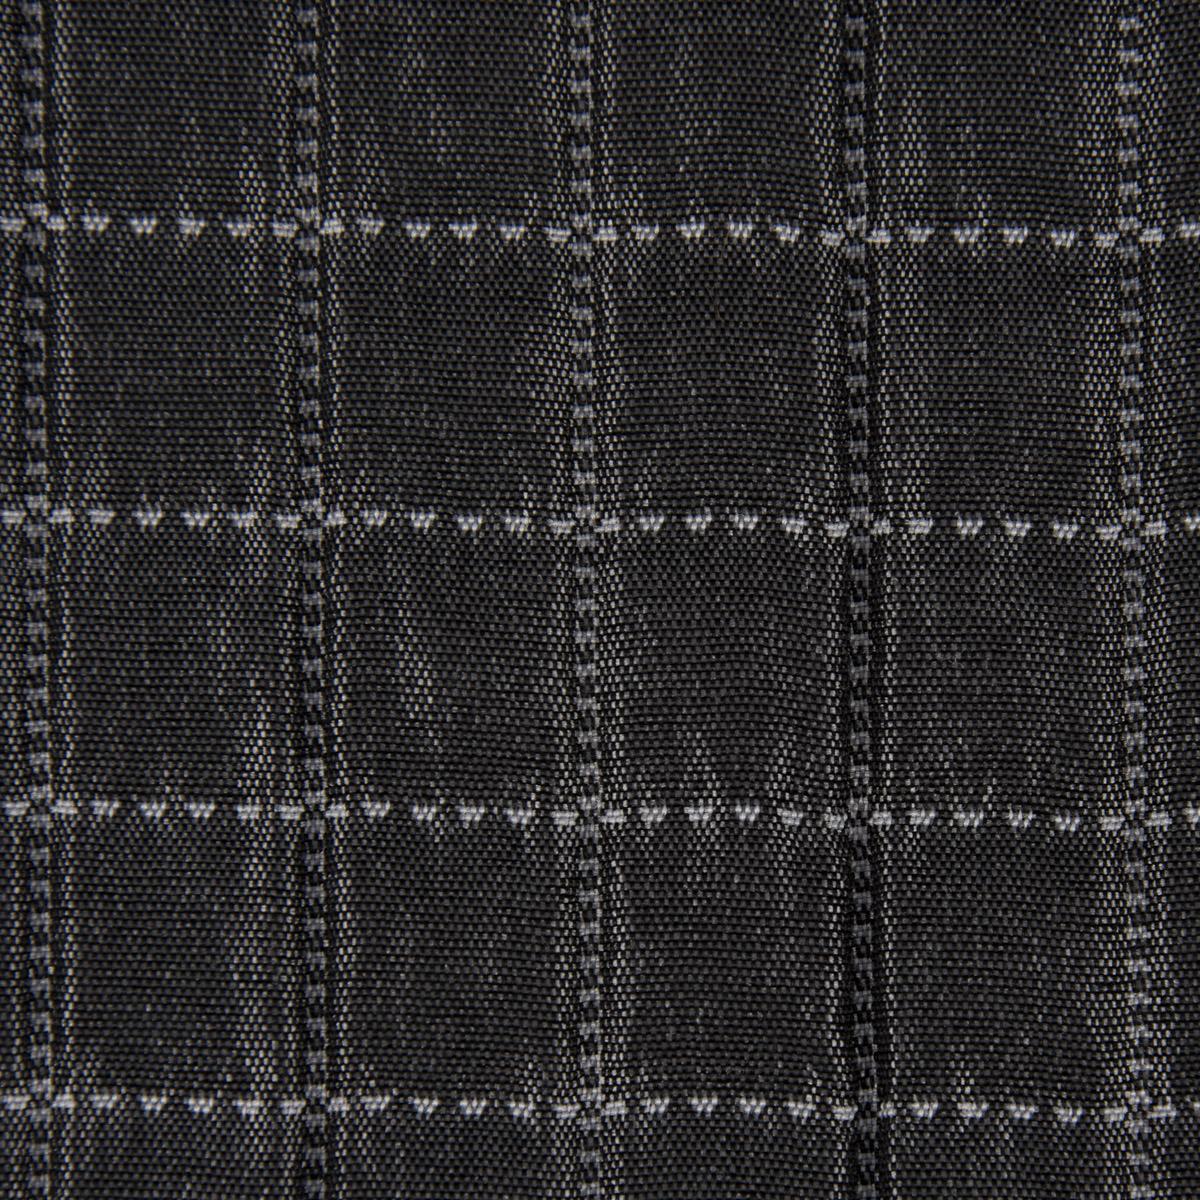 Dekostoff Plaidstoff Steppstoff Überwurf Fliesen Quadrate überbreit anthrazit weiß 2,80m Breite